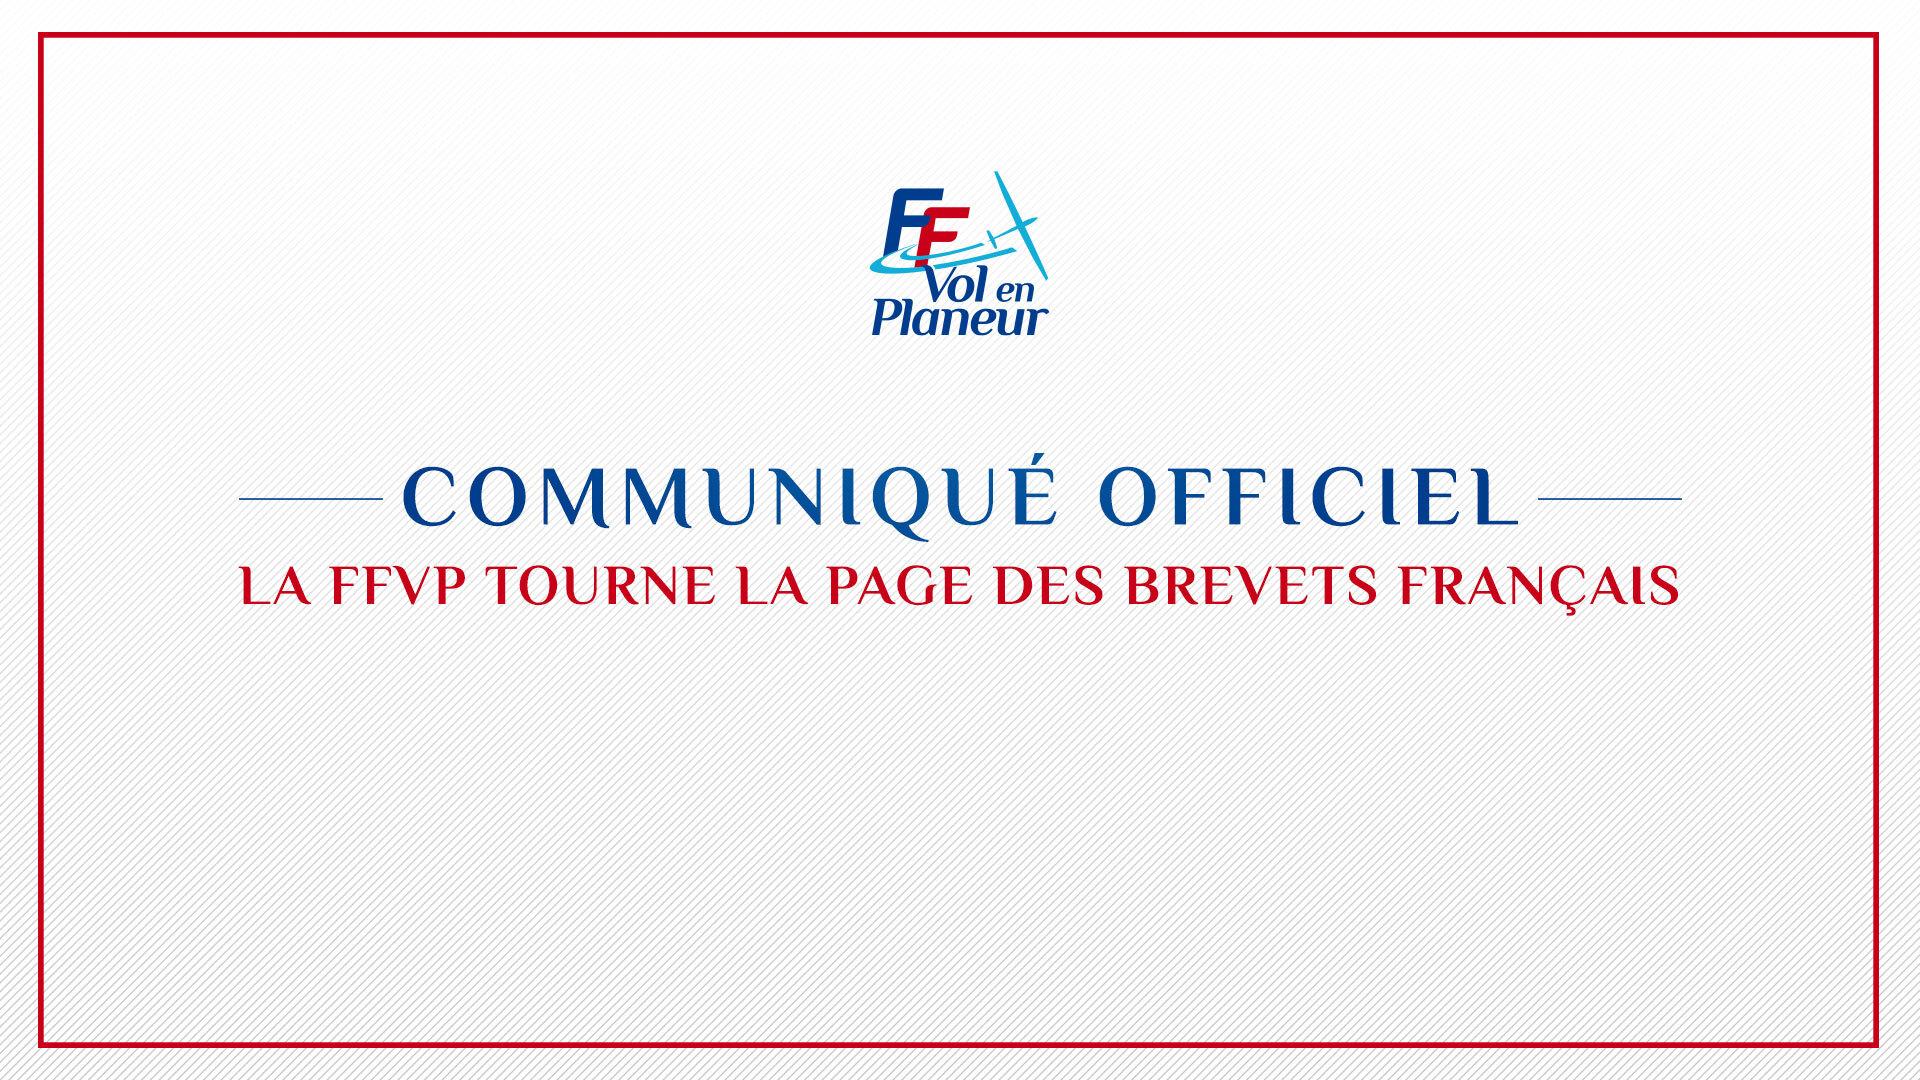 La FFVP tourne la page des Brevets Français